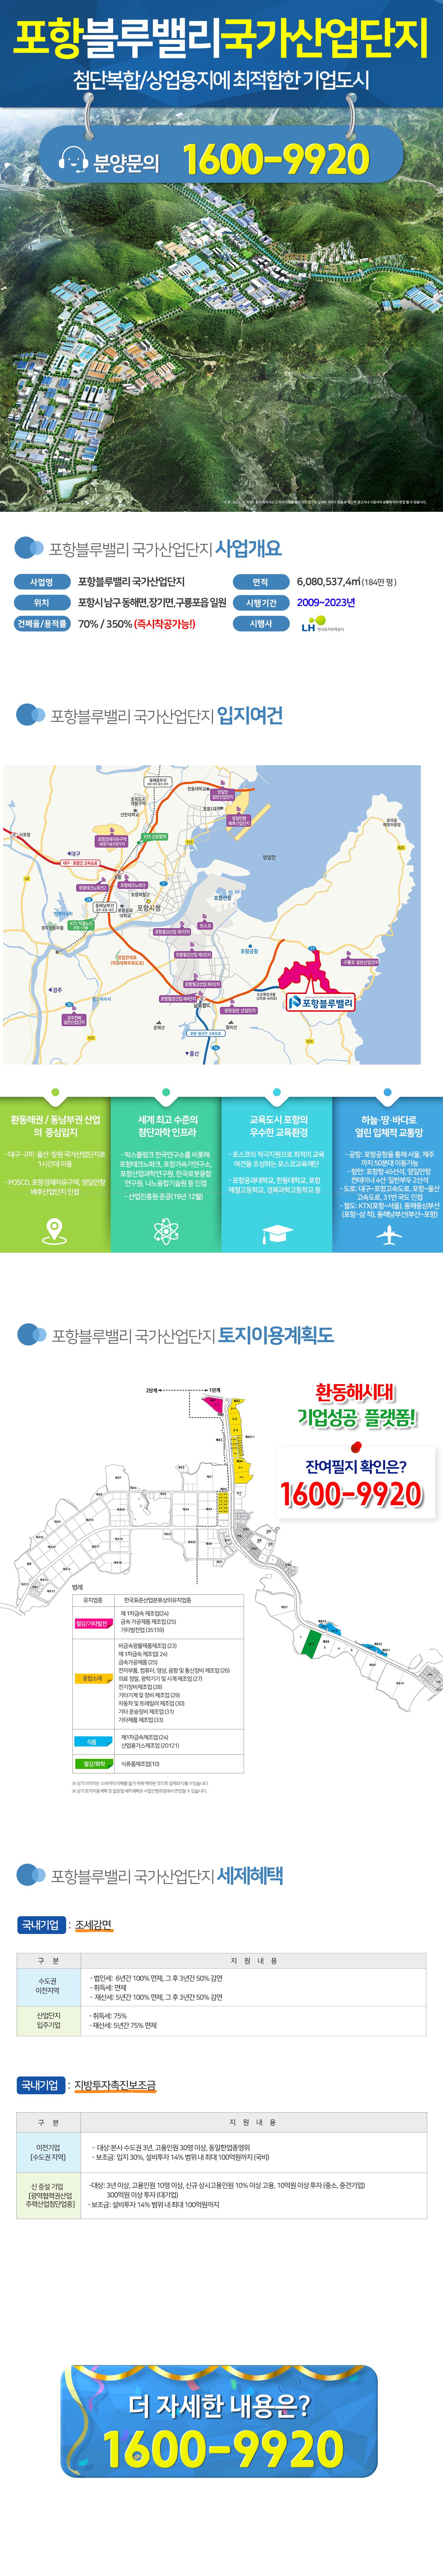 190726포항블루밸리원페이지_김지현.png